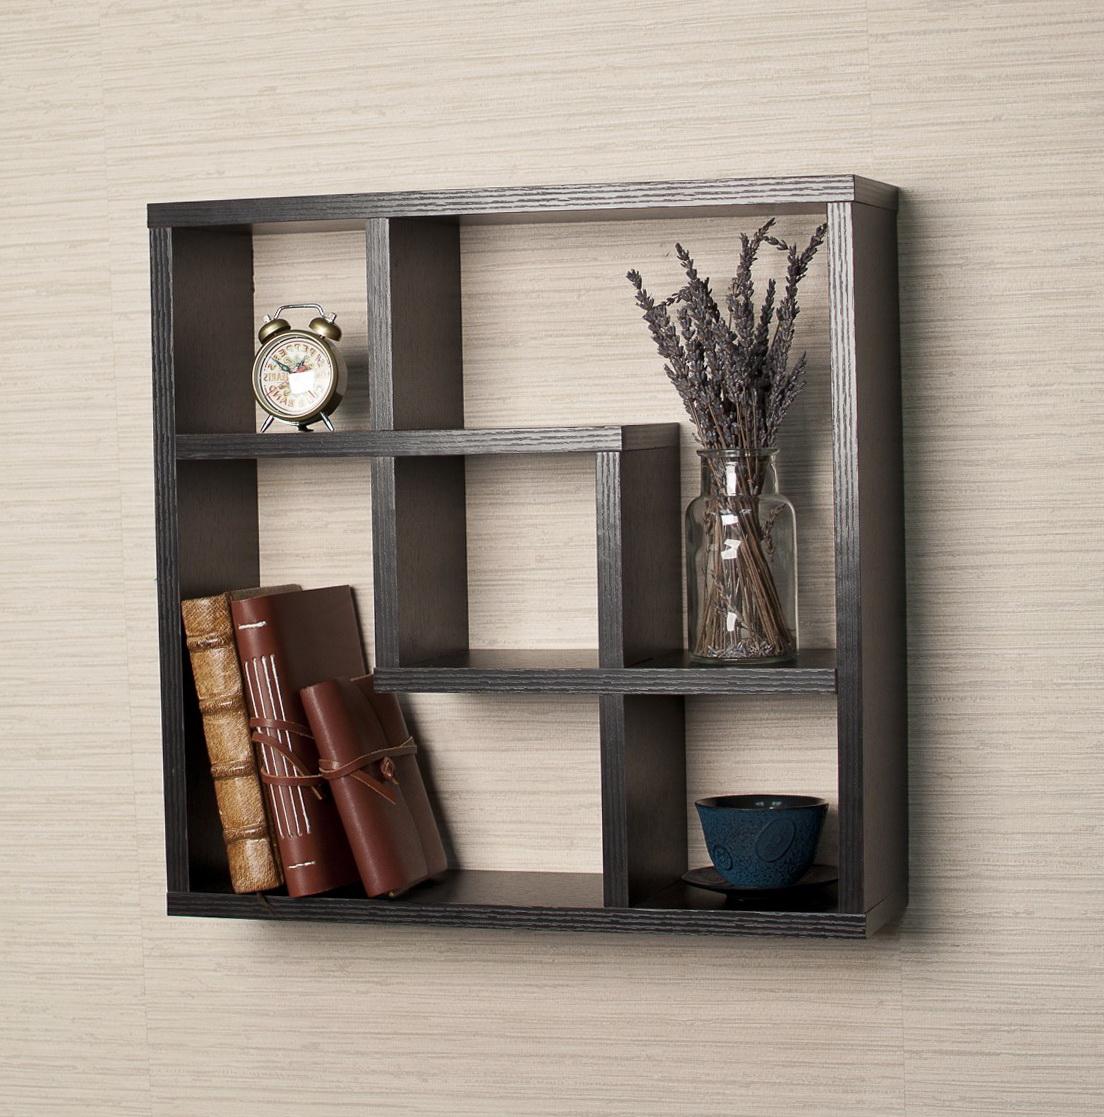 Cube Wall Shelves Ideas